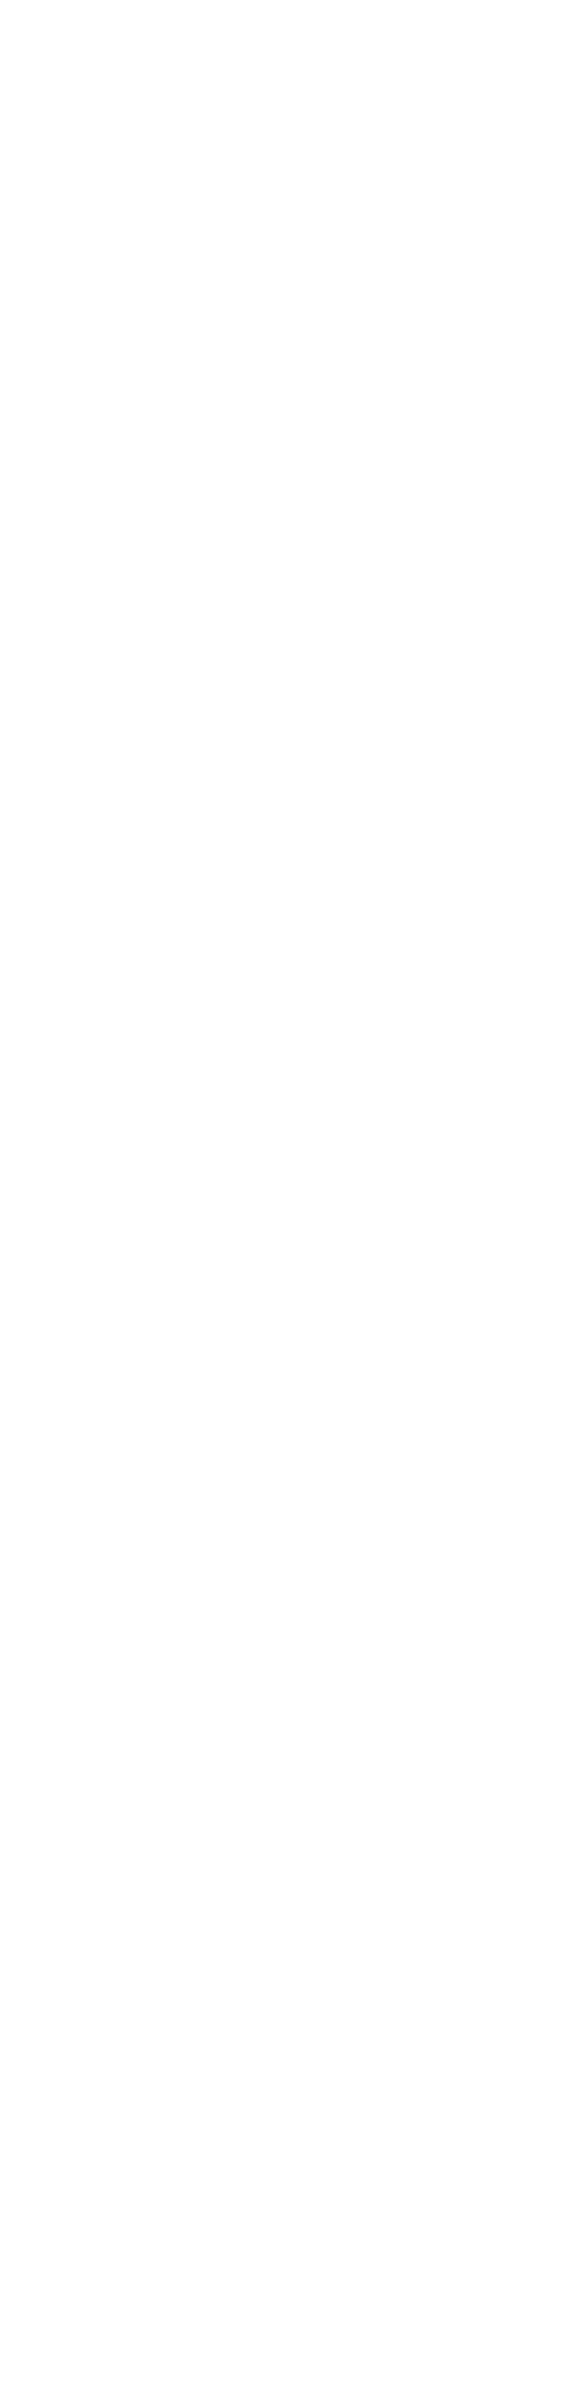 STC Logo background image